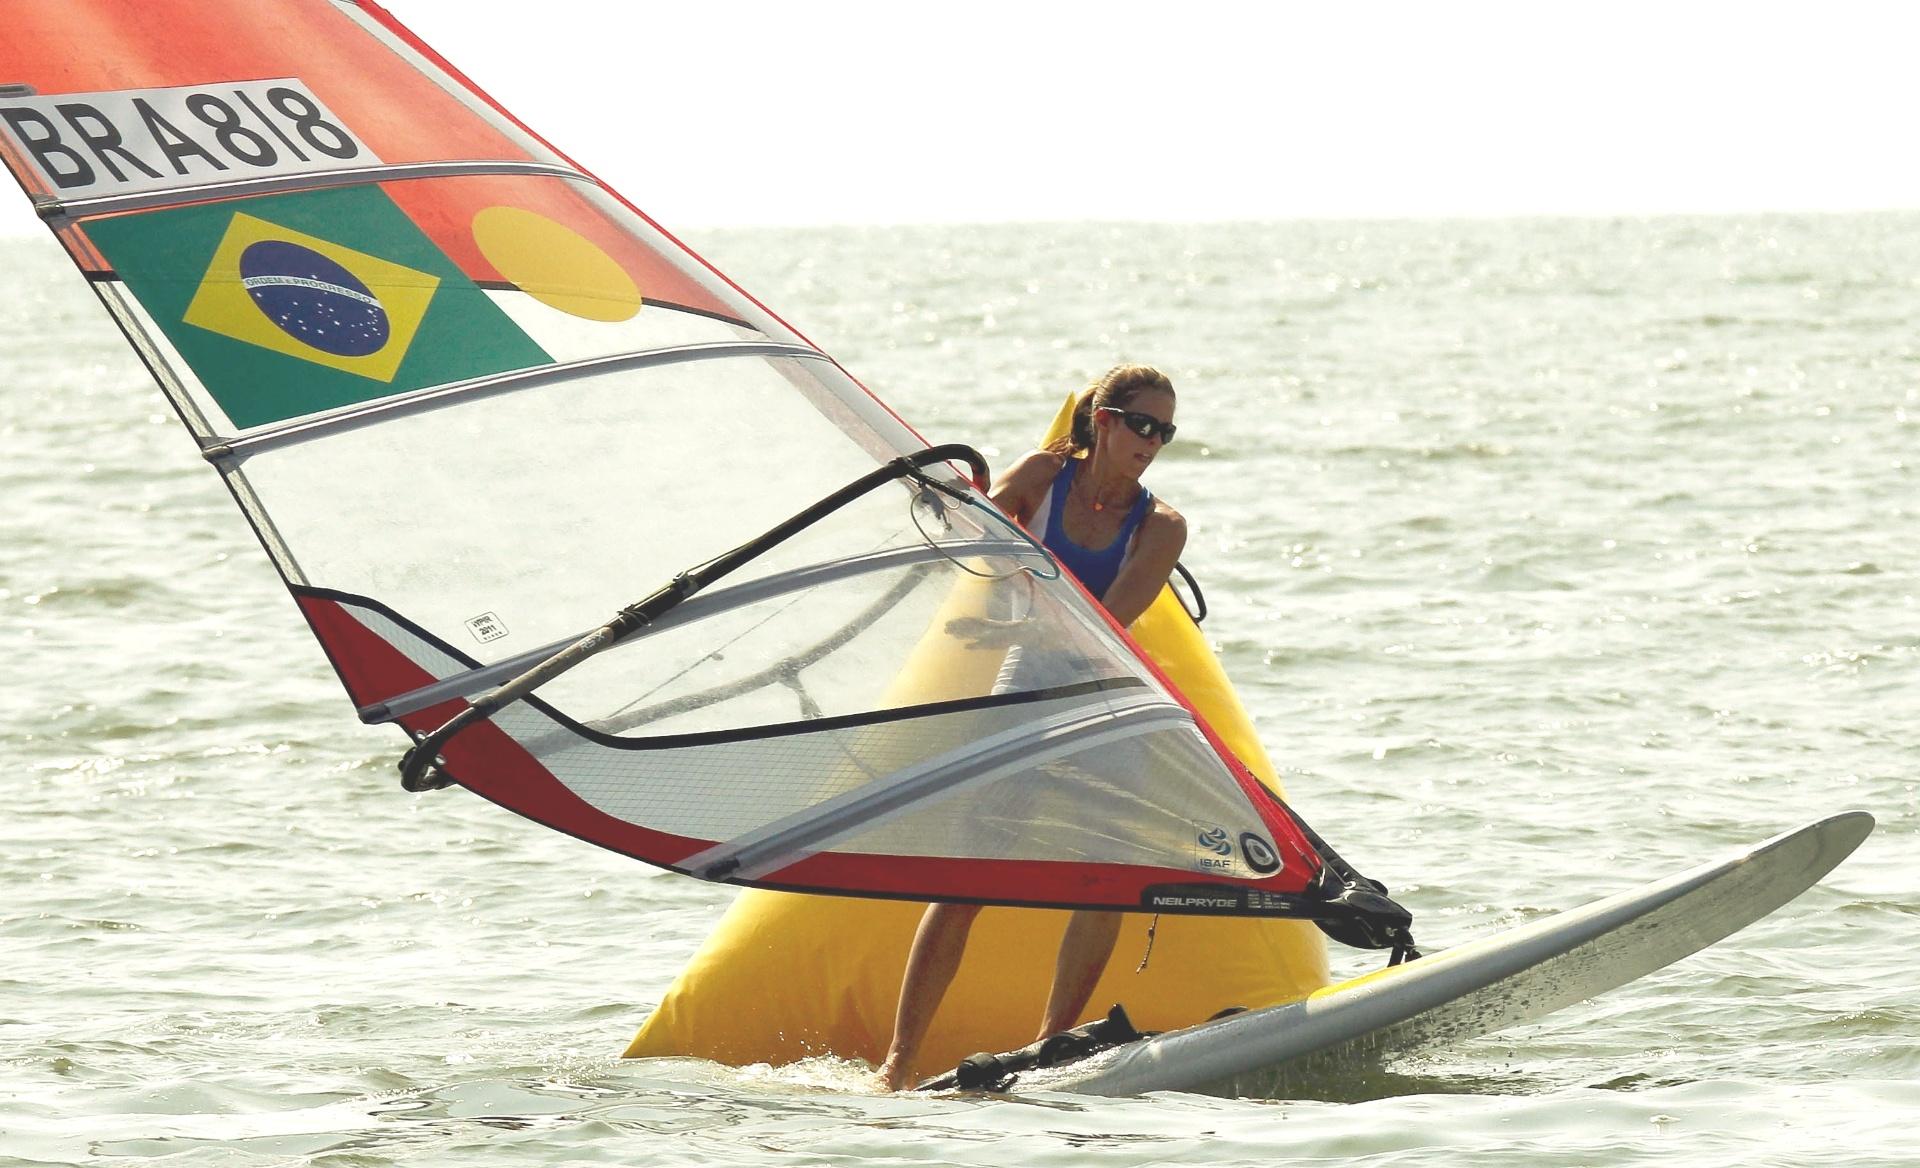 Patrícia Freitas segue na liderança da classe RS-X após seis regatas